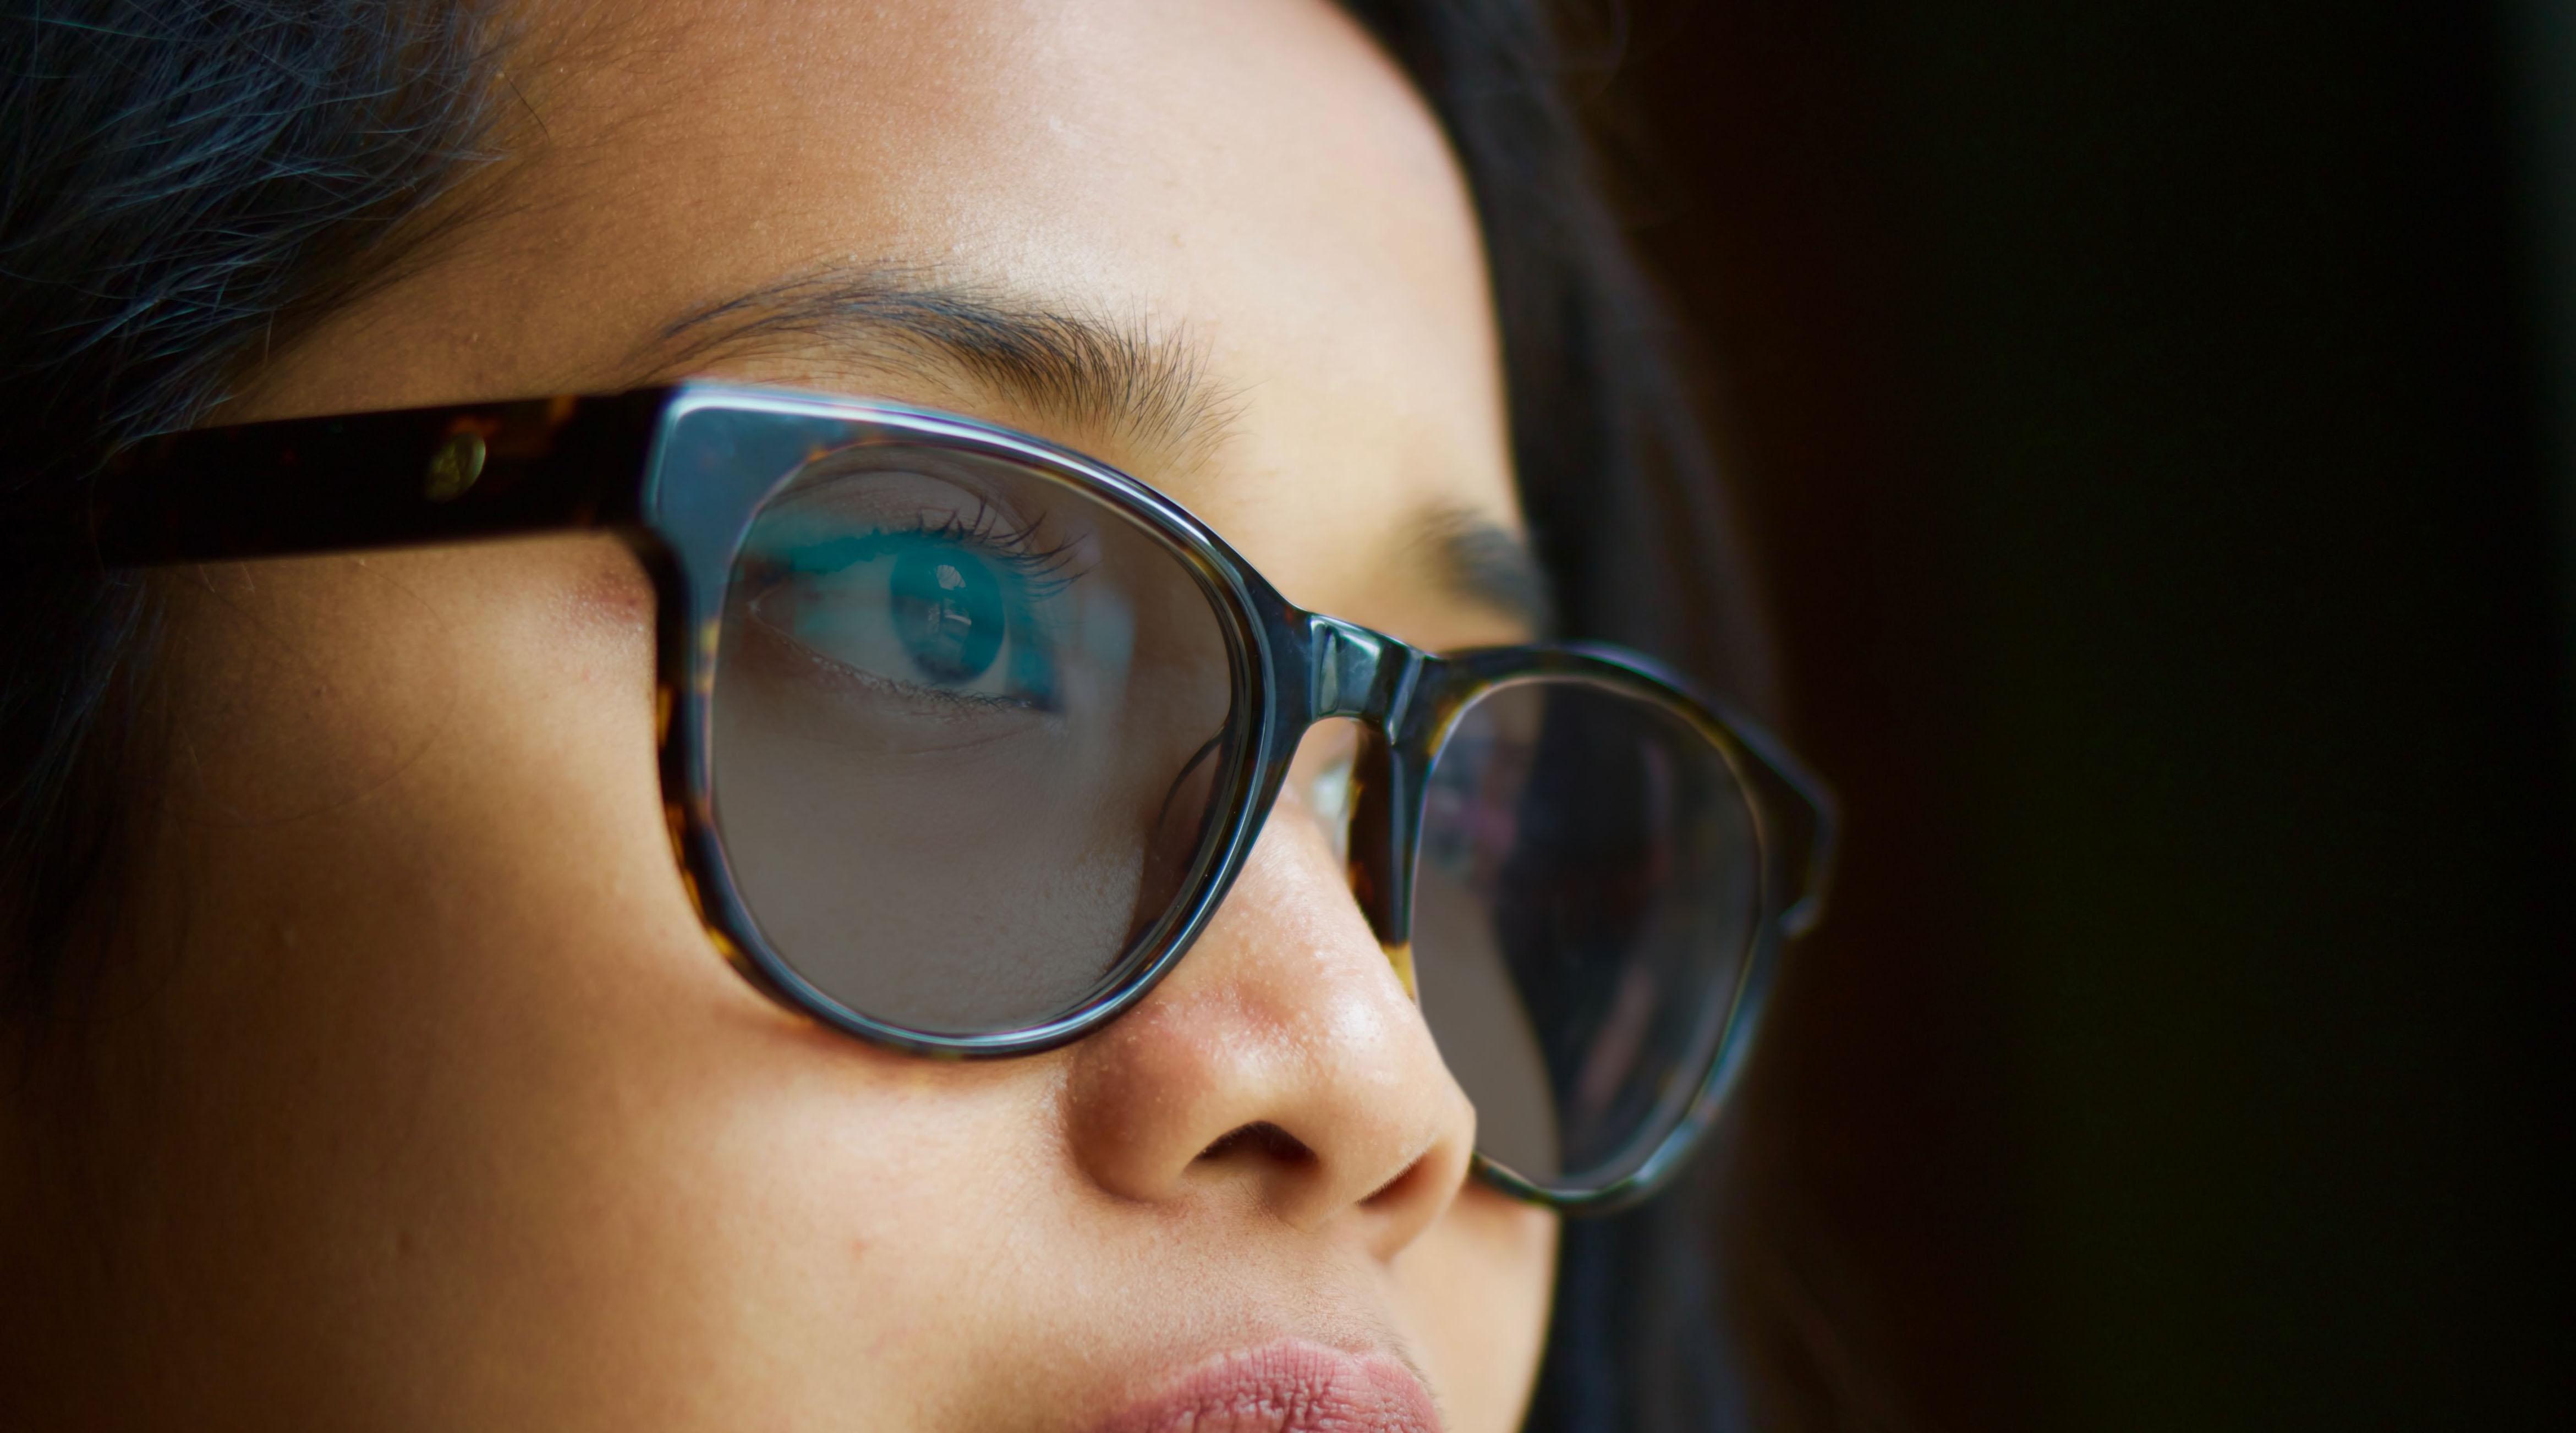 3c0eadeba3142 Oculos Oakley No Eua « Heritage Malta